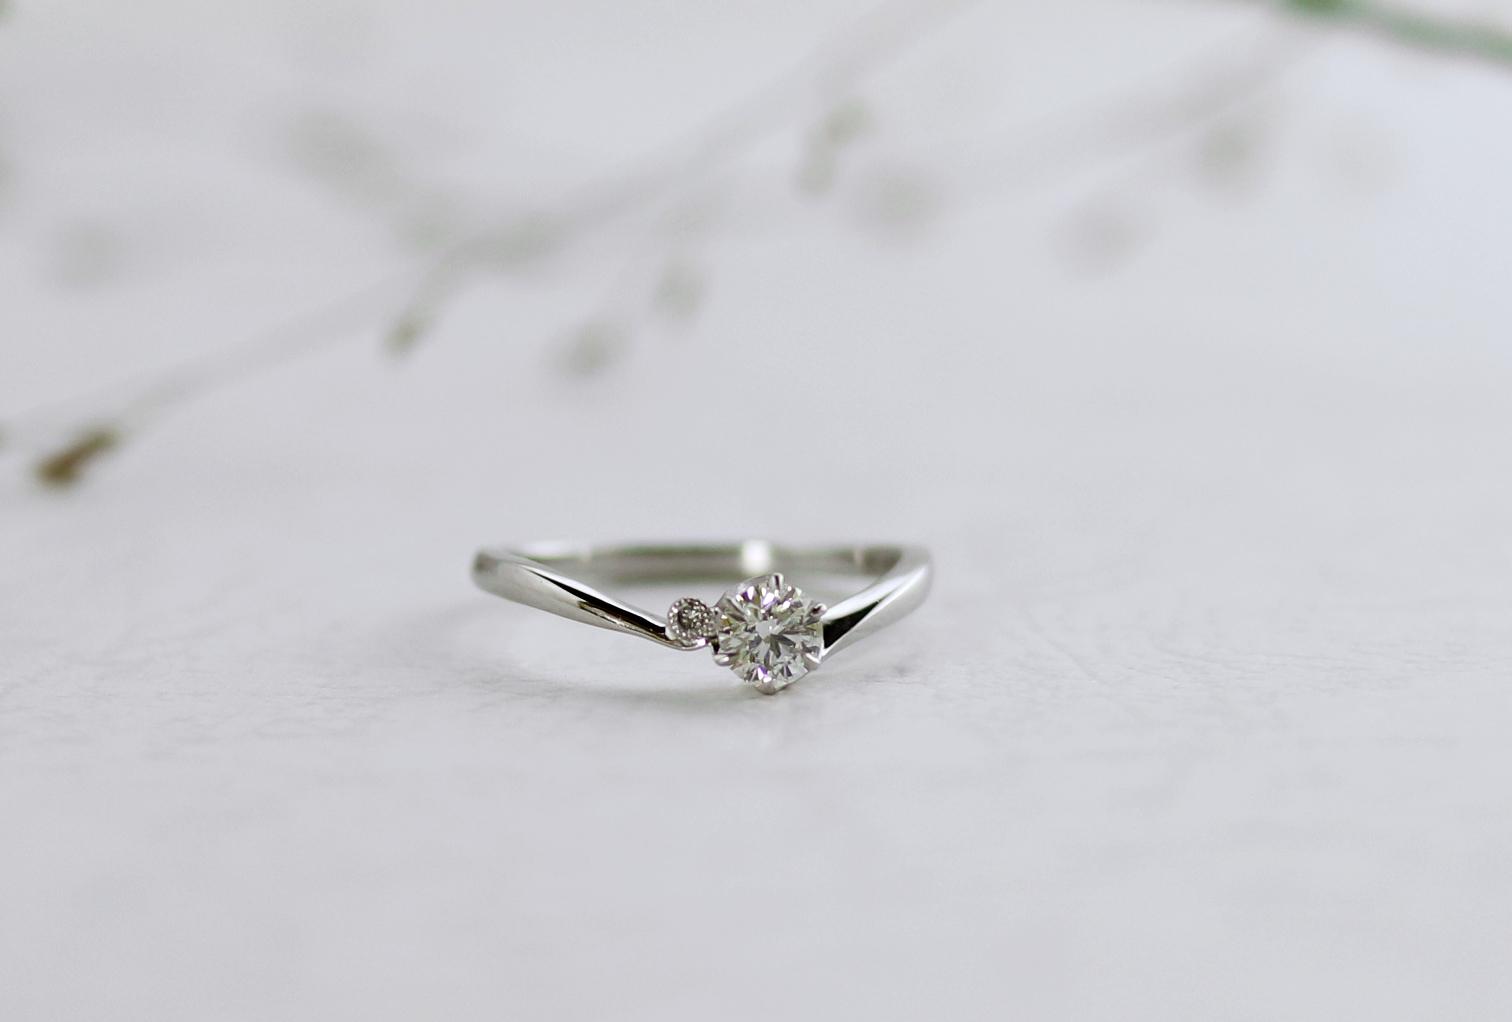 ご自身の婚約指輪をオプハートにリメイク